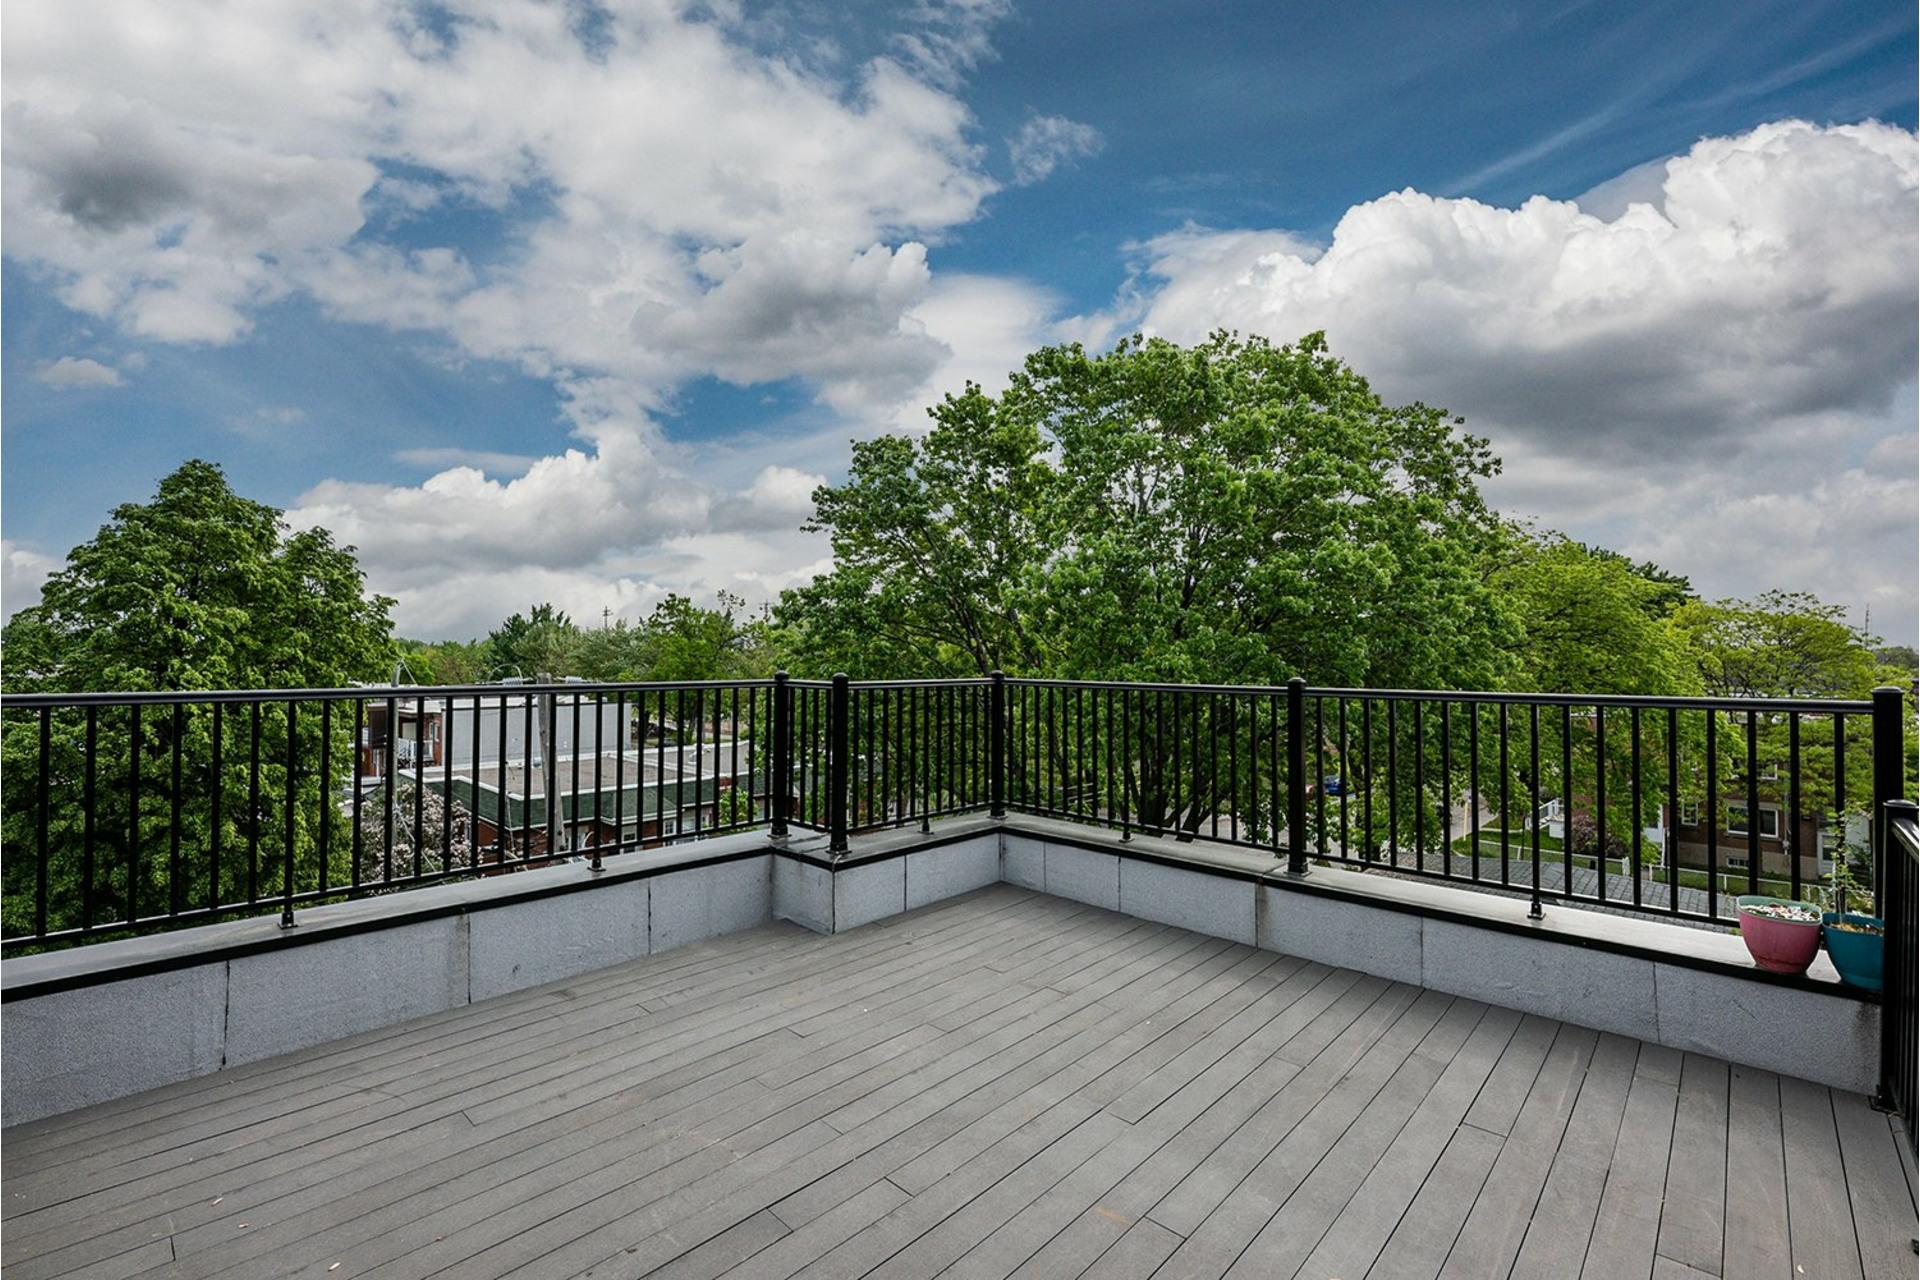 image 23 - Triplex For sale Mercier/Hochelaga-Maisonneuve Montréal  - 4 rooms